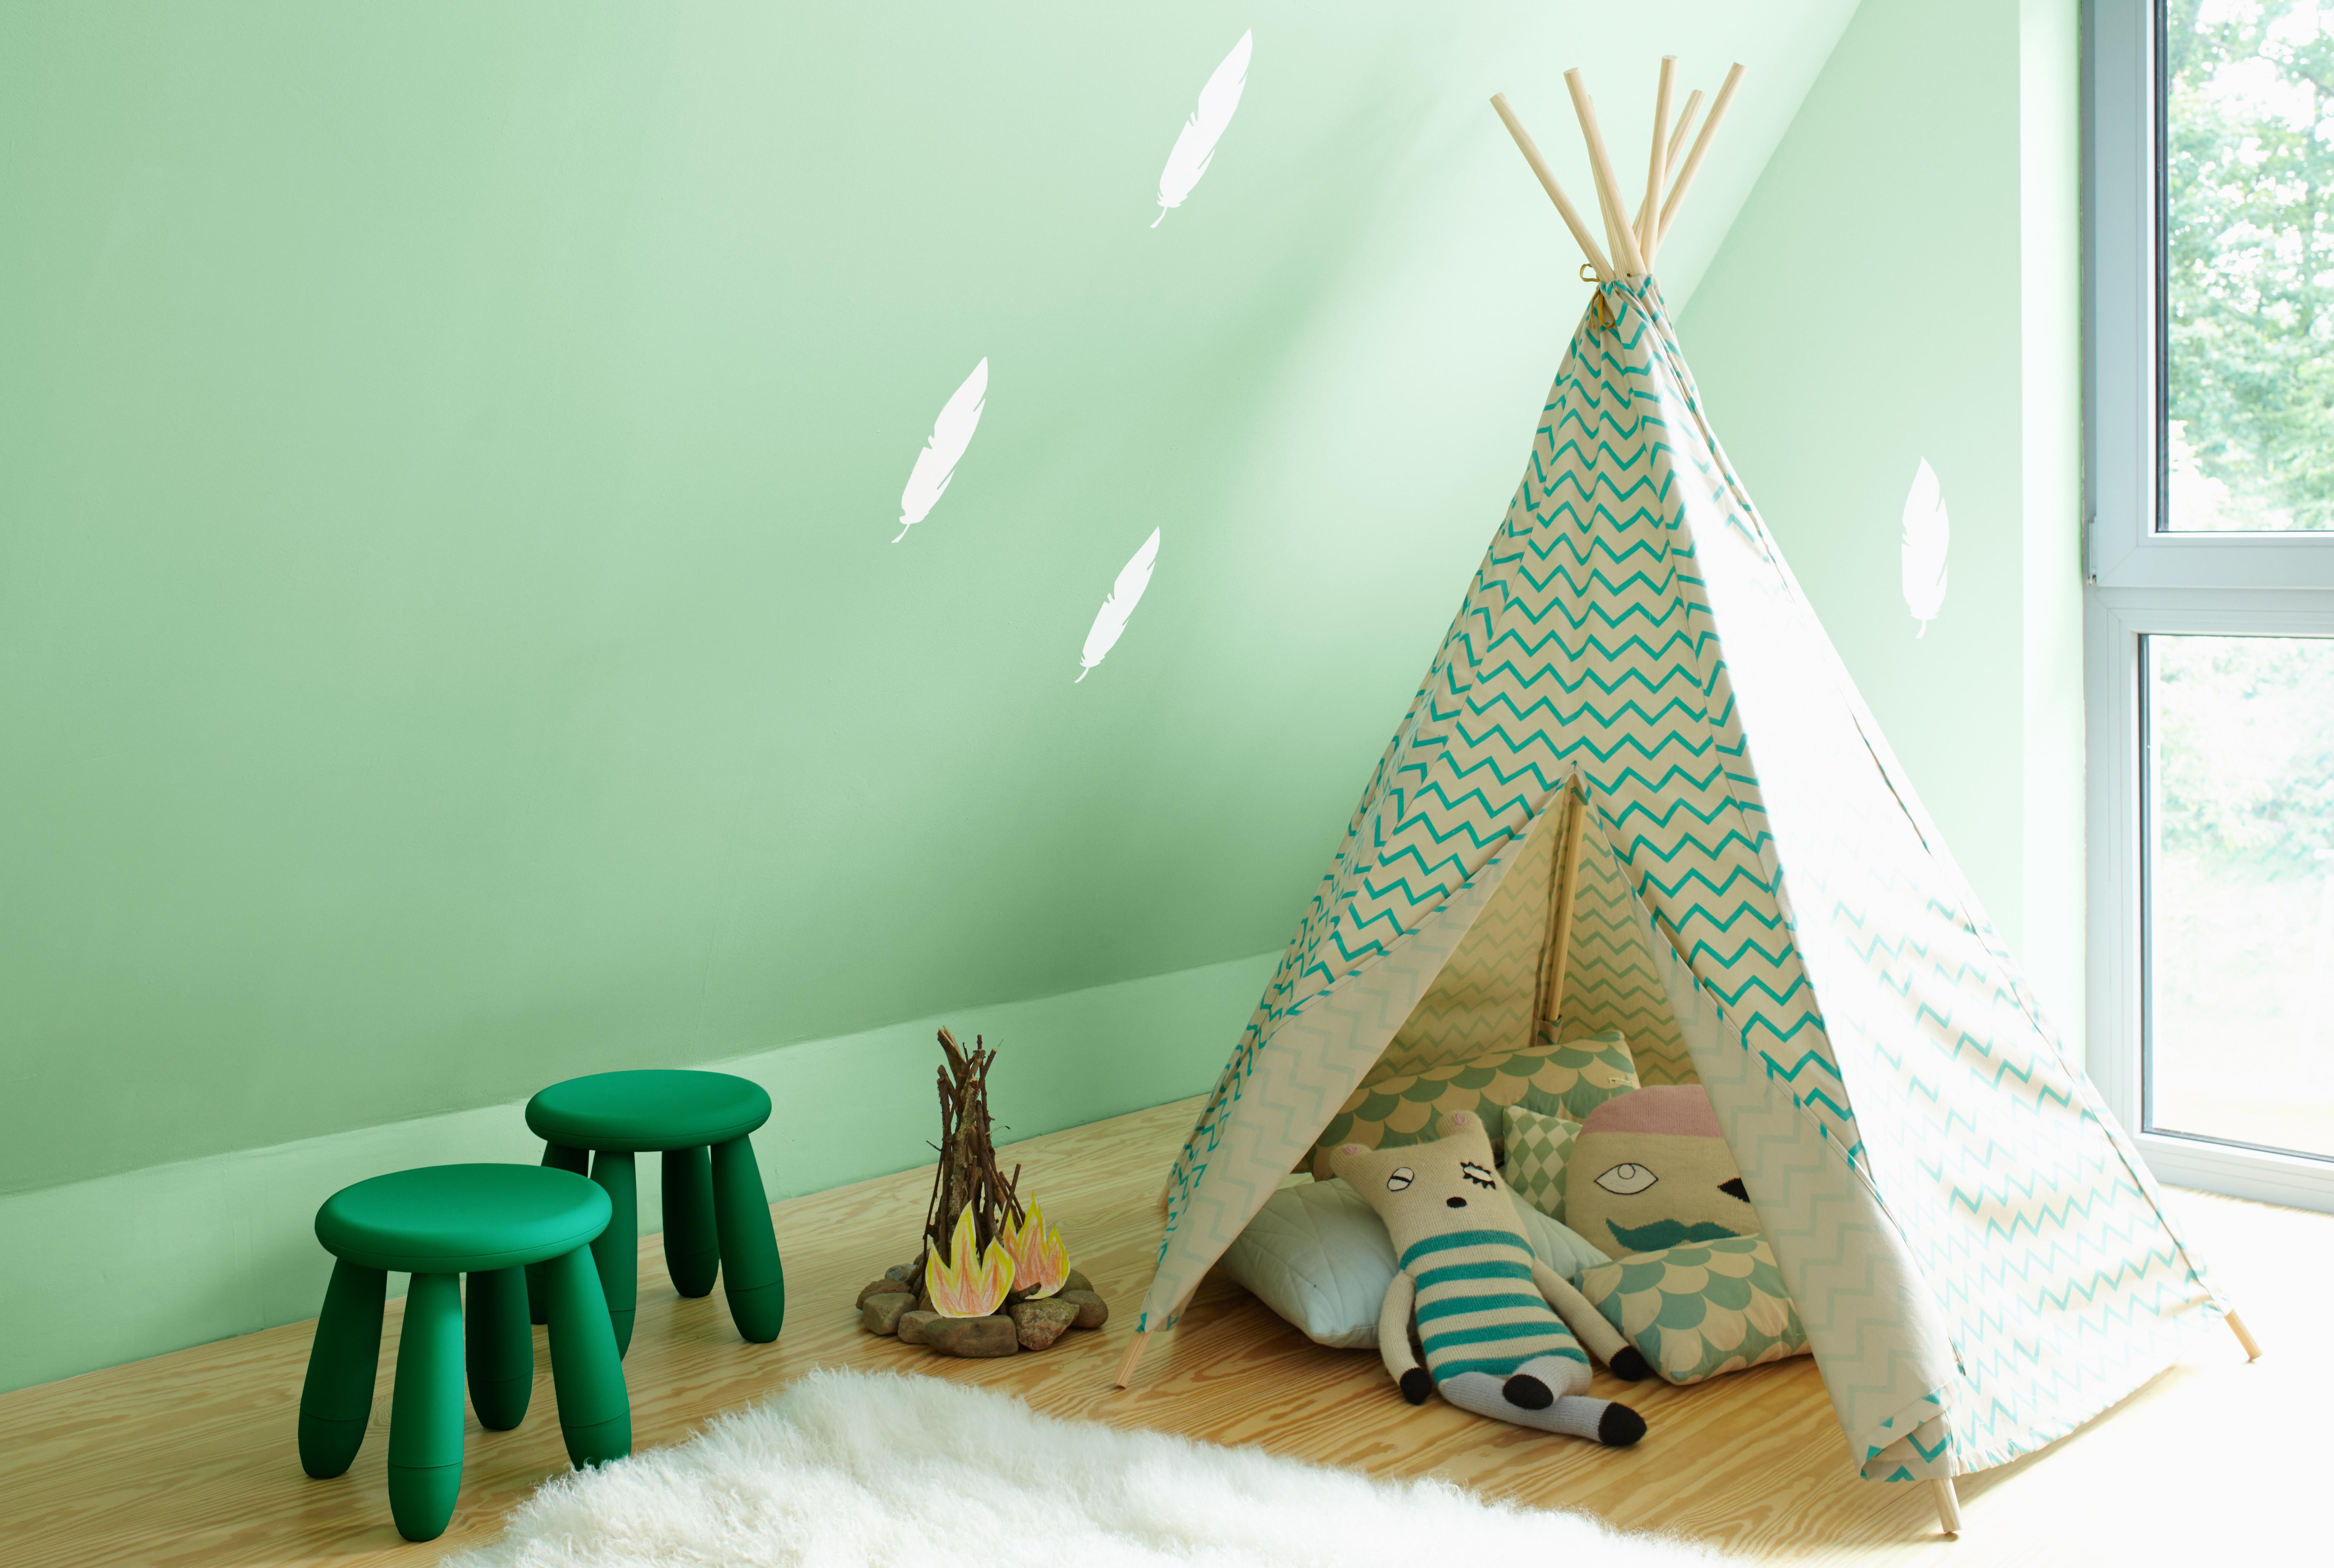 Schablonen Kinderzimmer Wände